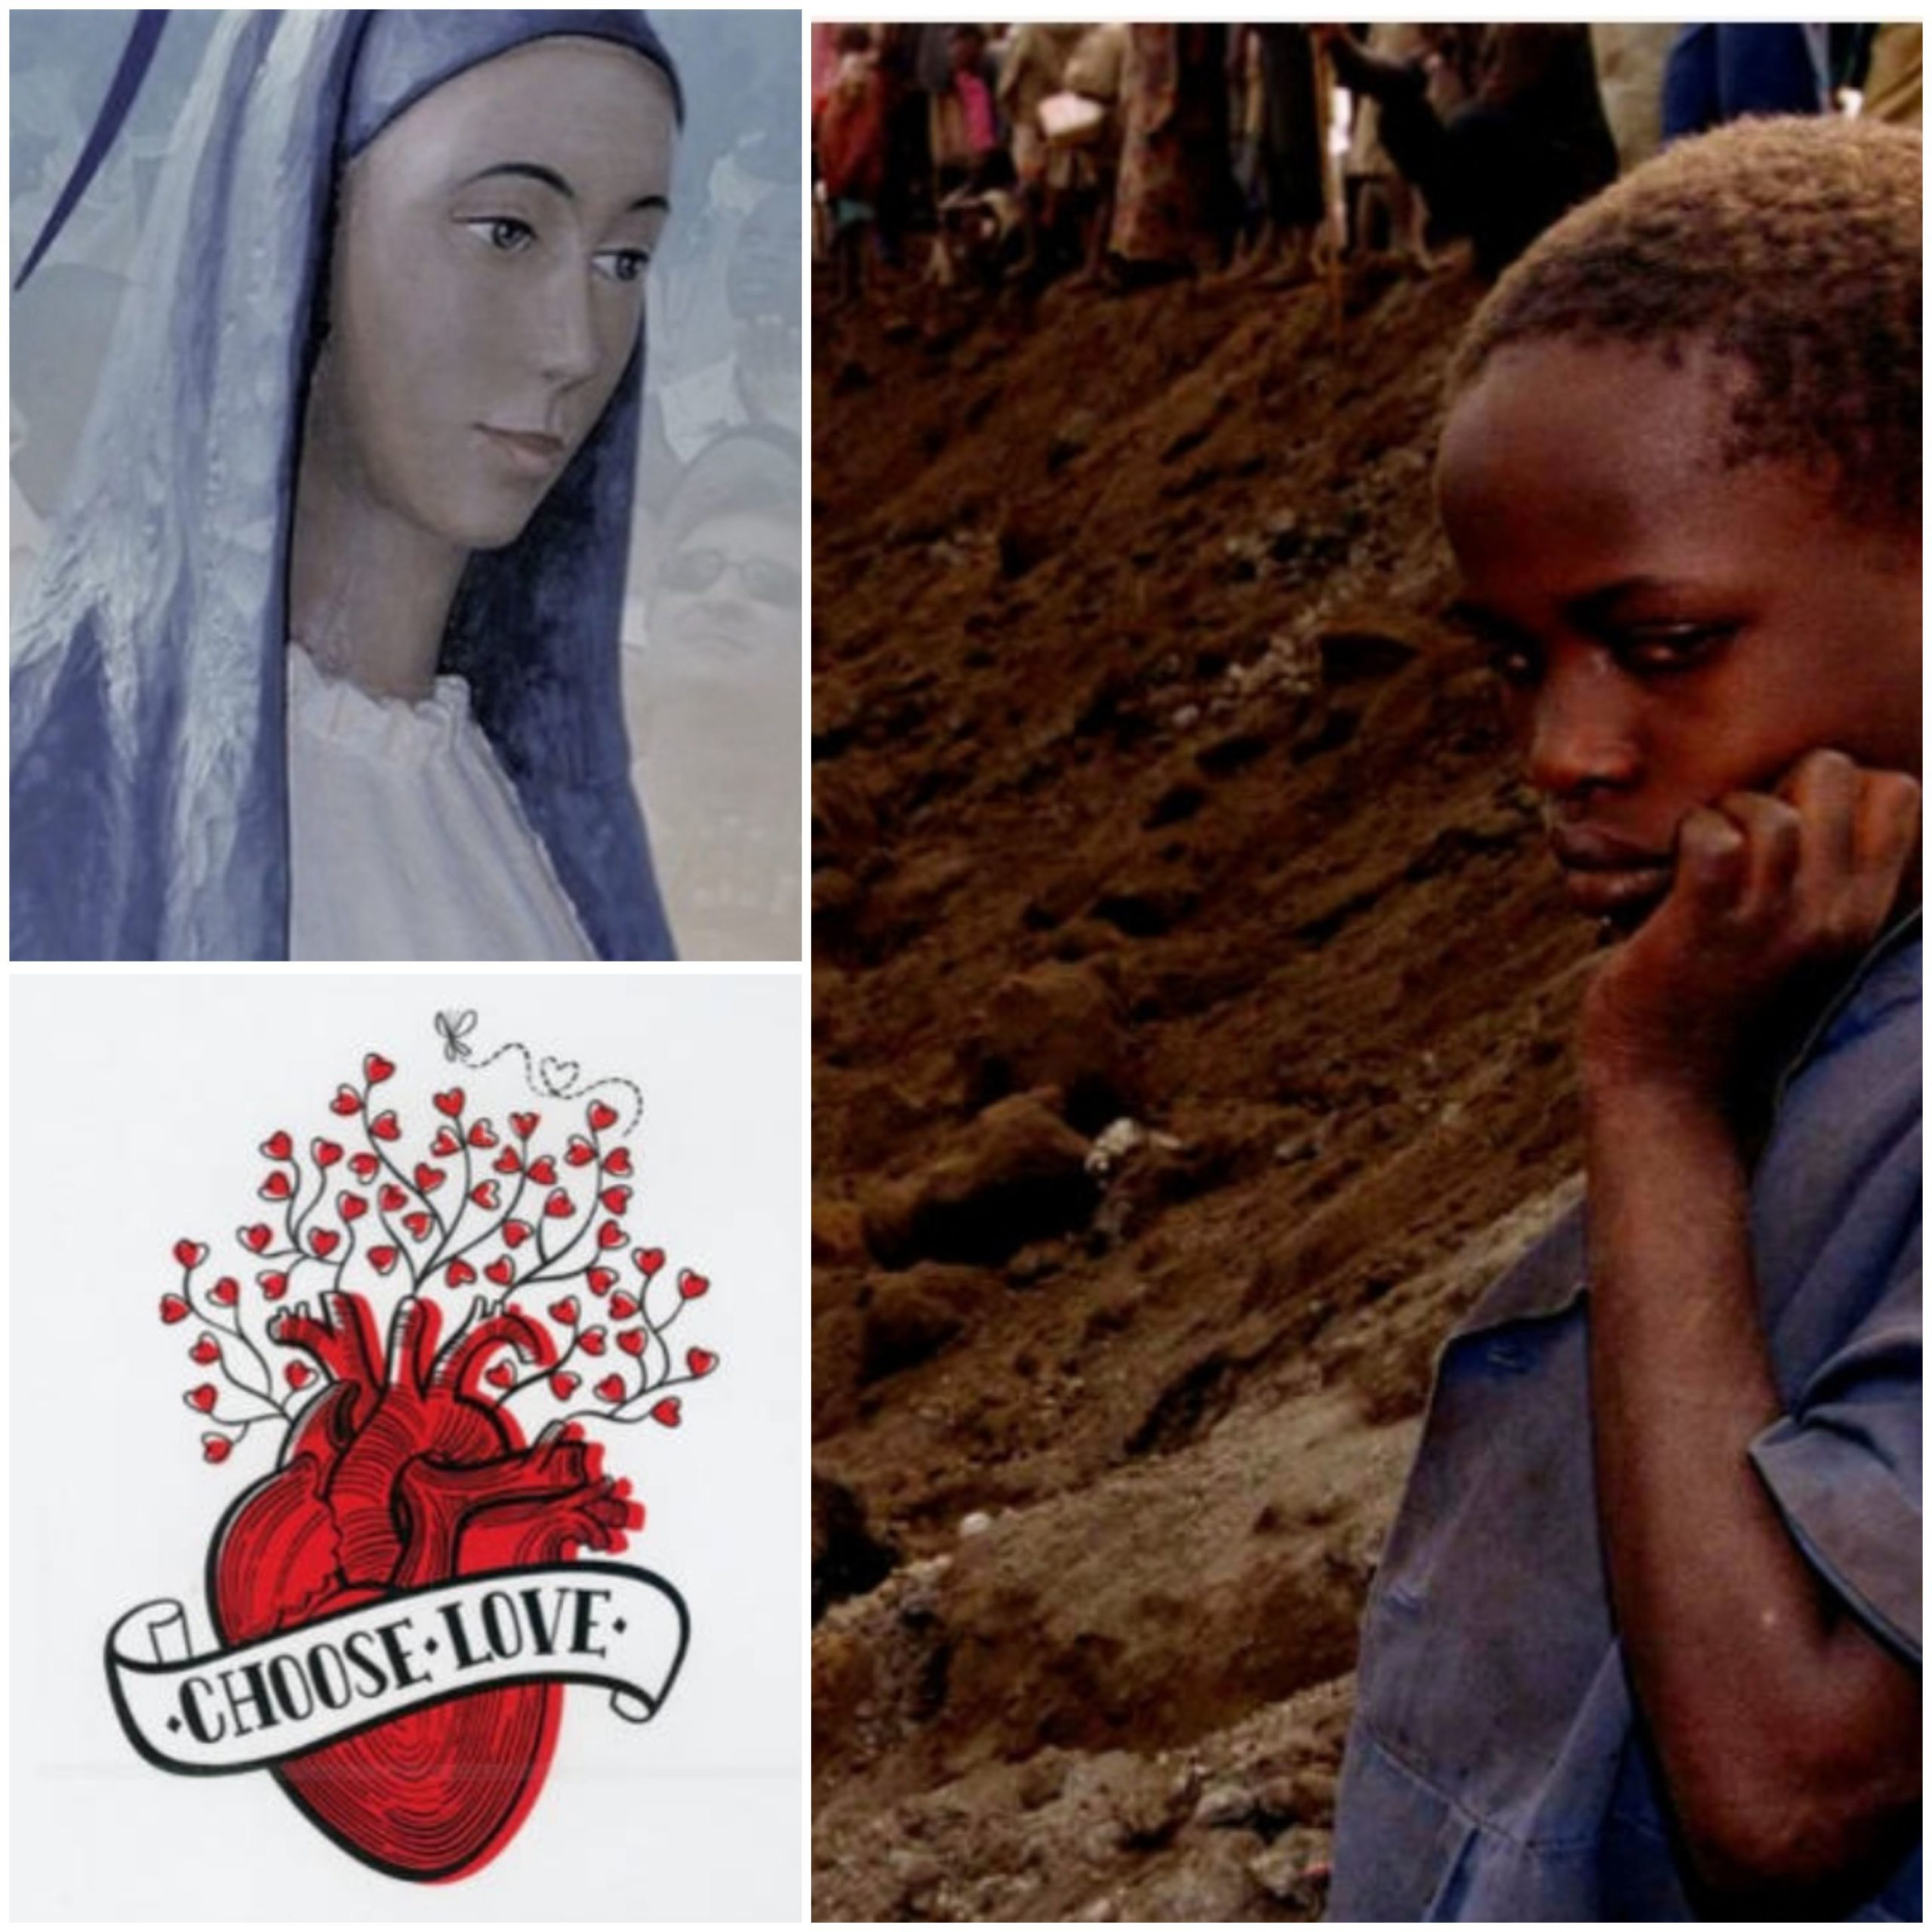 Il genocidio in Ruanda. Giustizia riparativa e preventiva